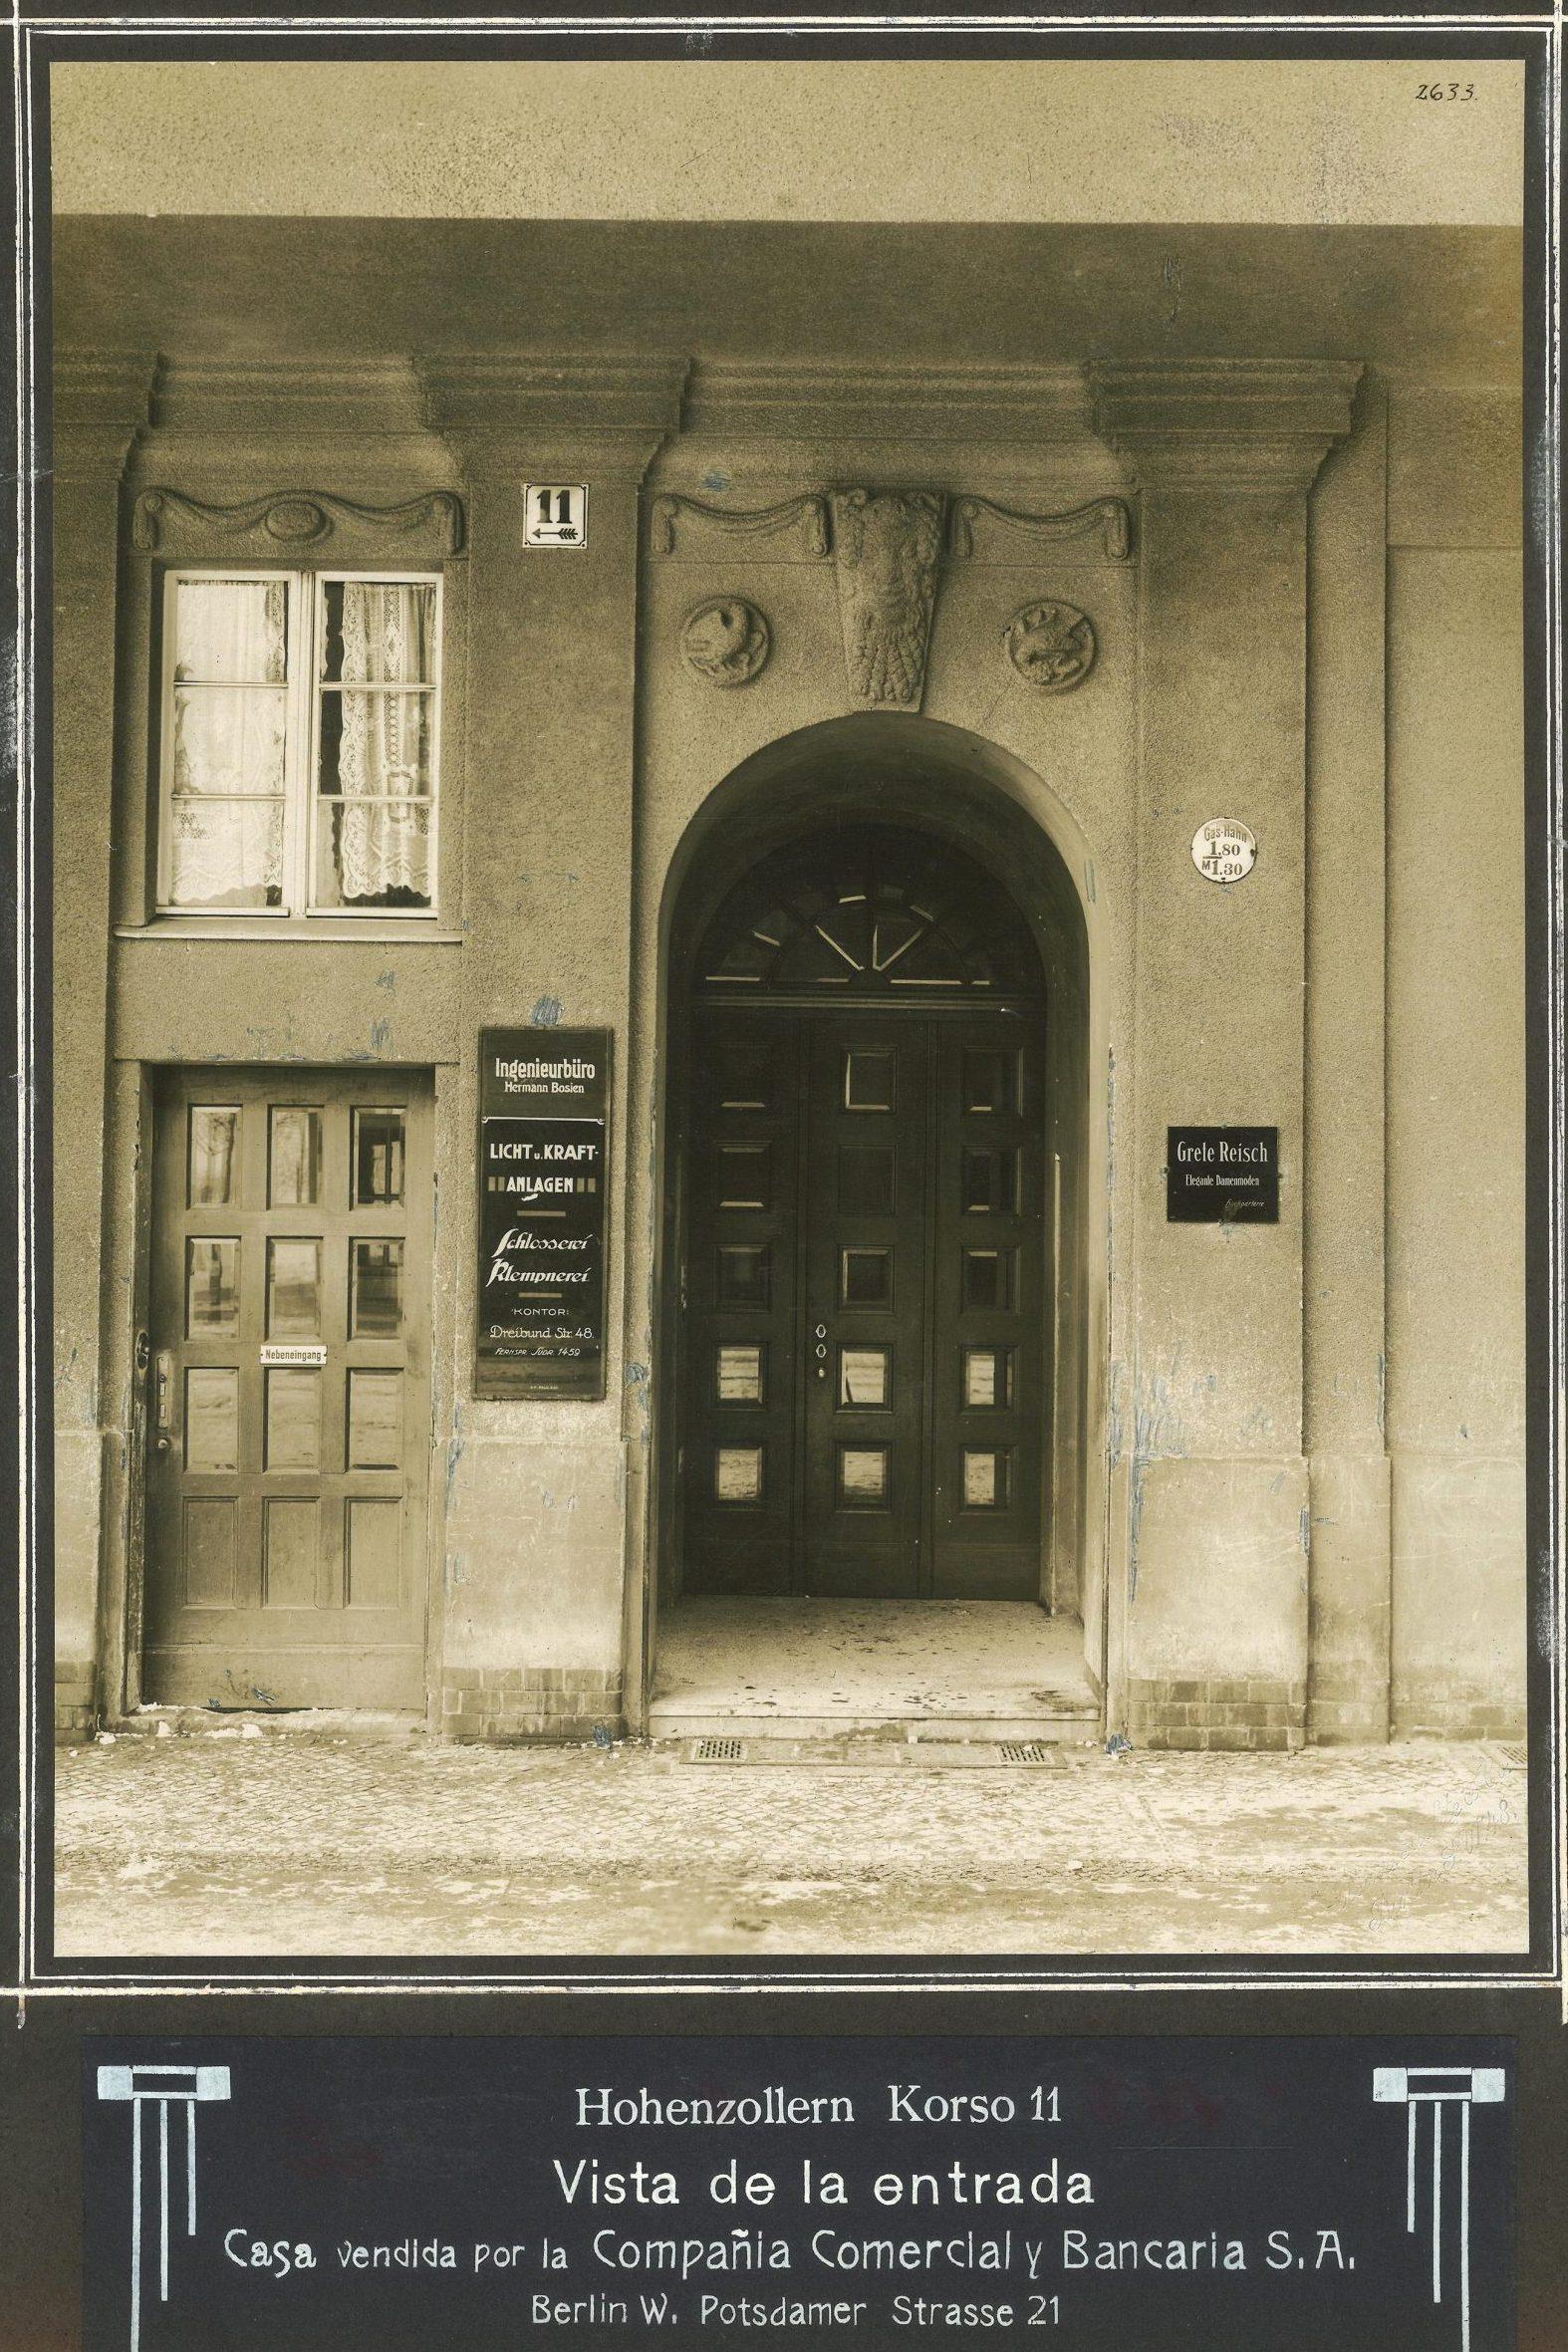 Building at Berlin, Hohenzollernkorso 11, now Manfred-von-Richthofenstrasse, undated